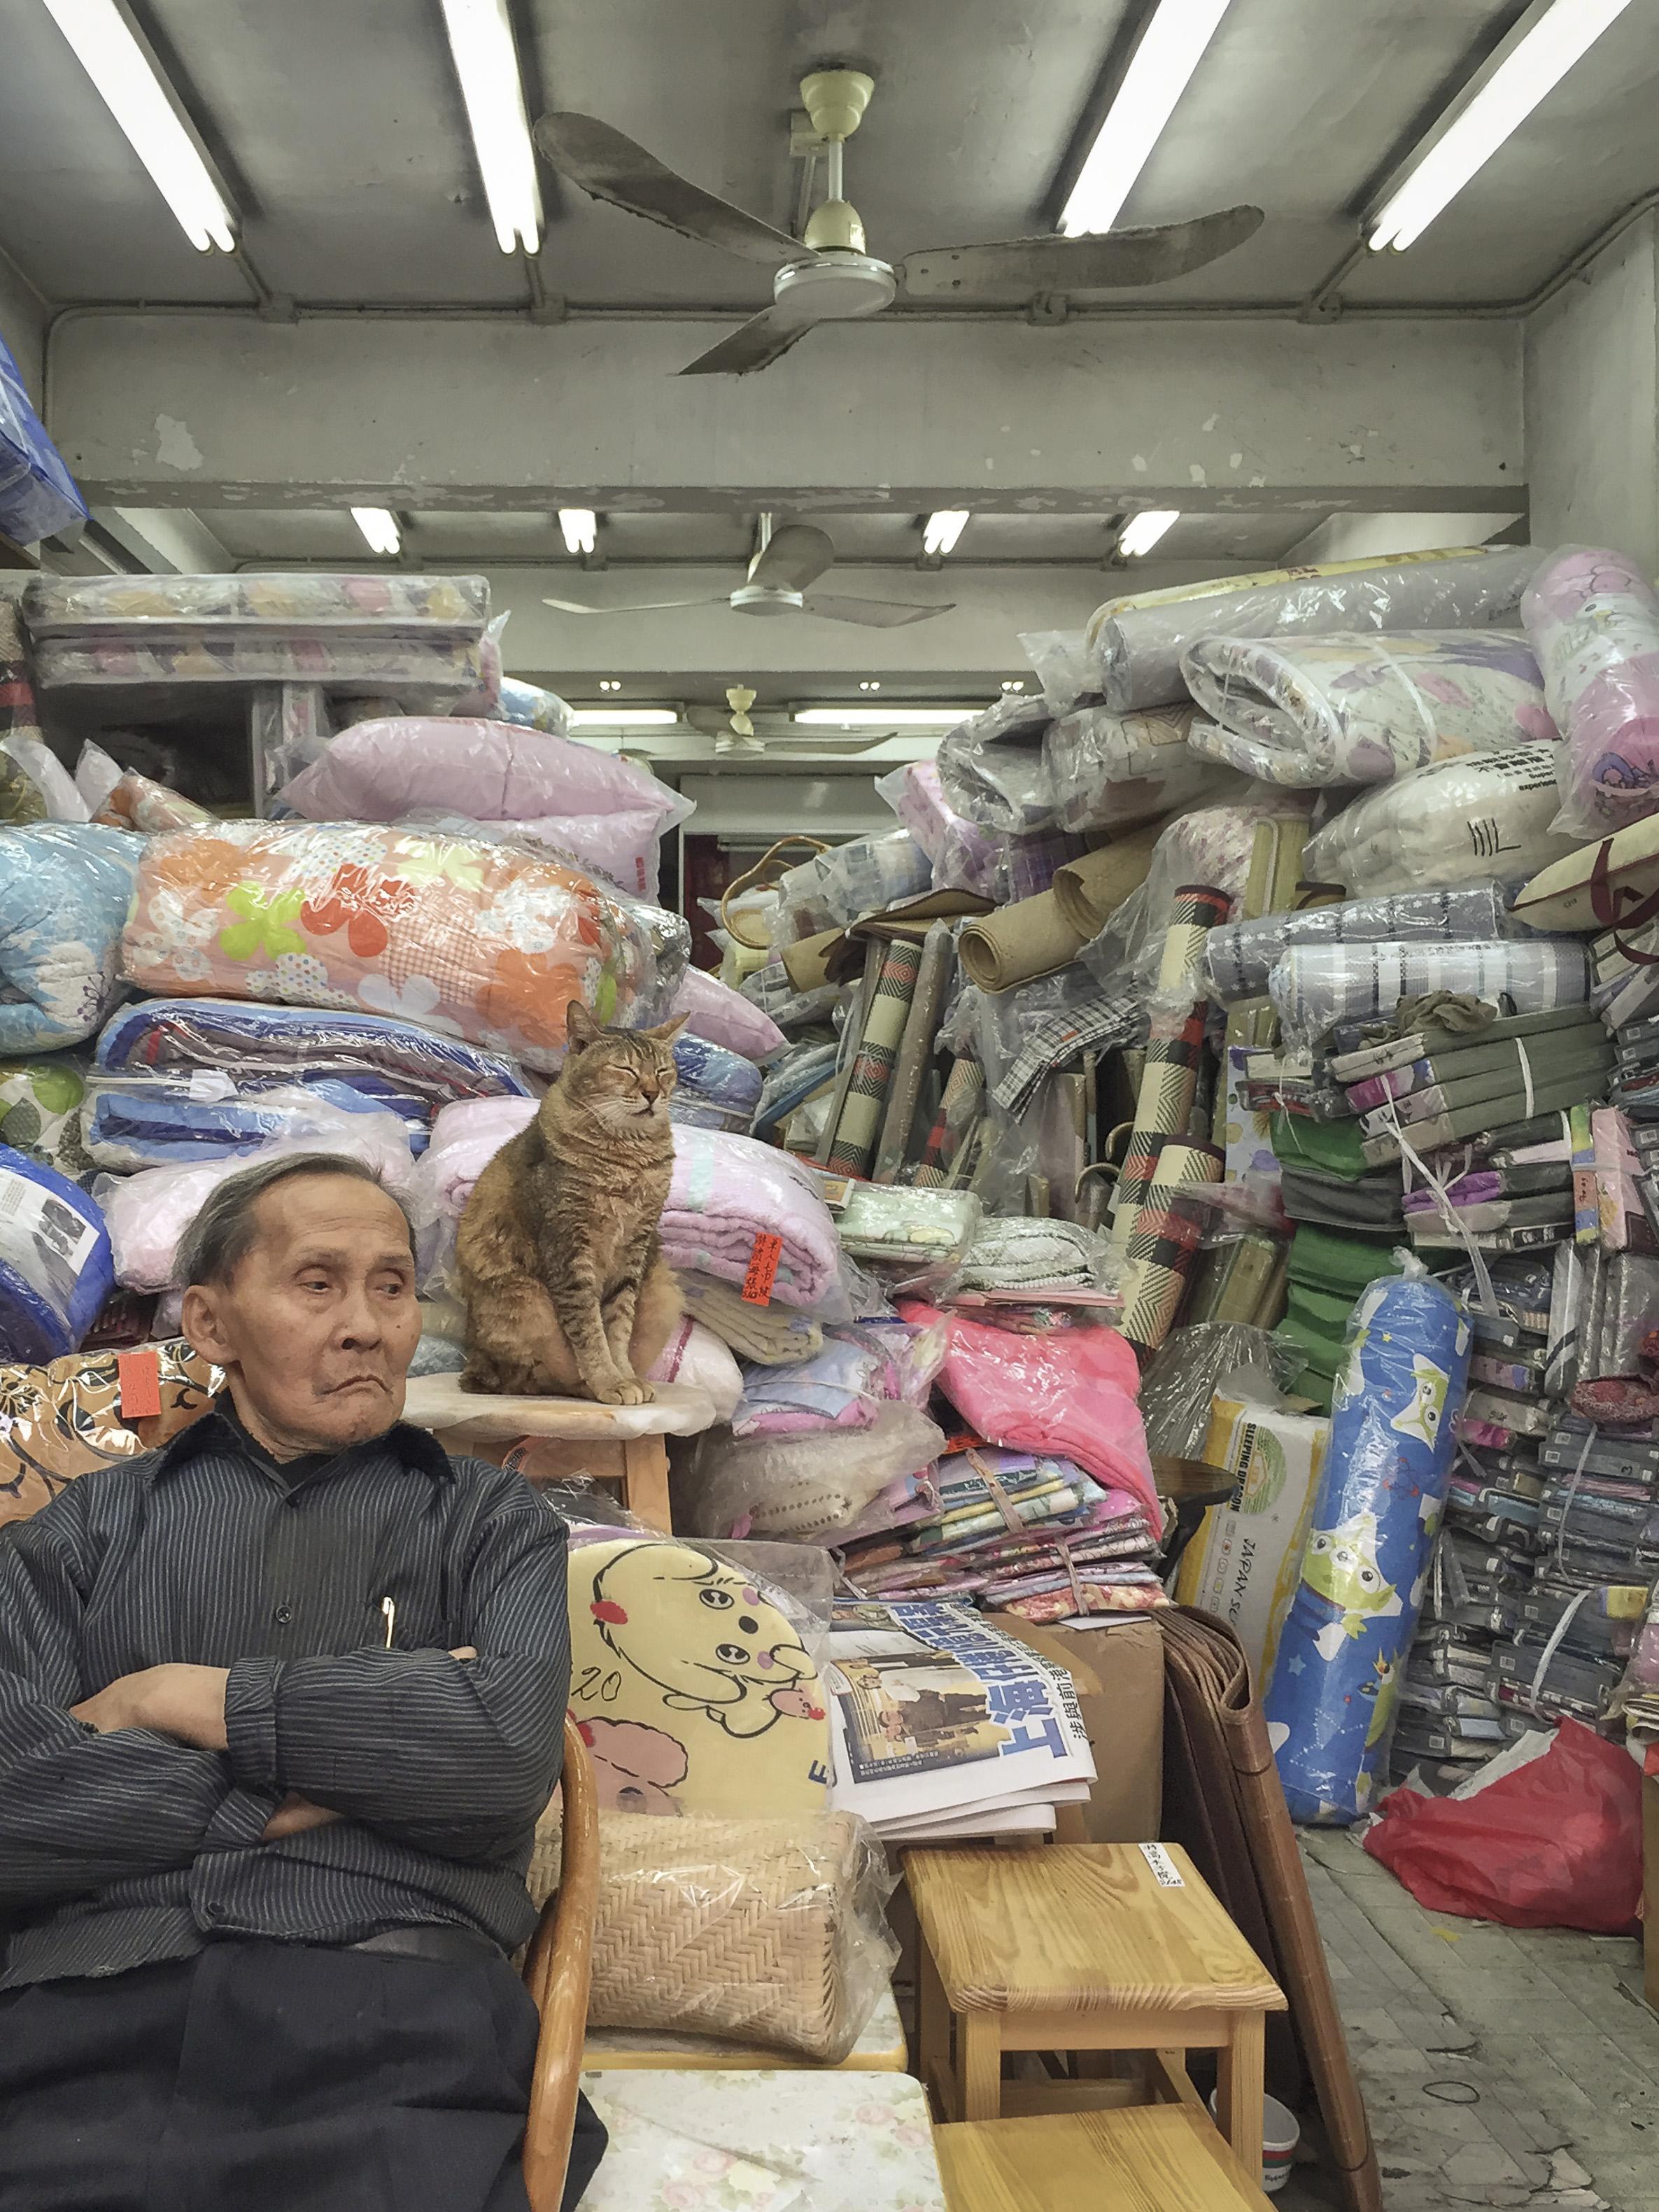 M. Heijnen, HK Shop Cats #14.jpg